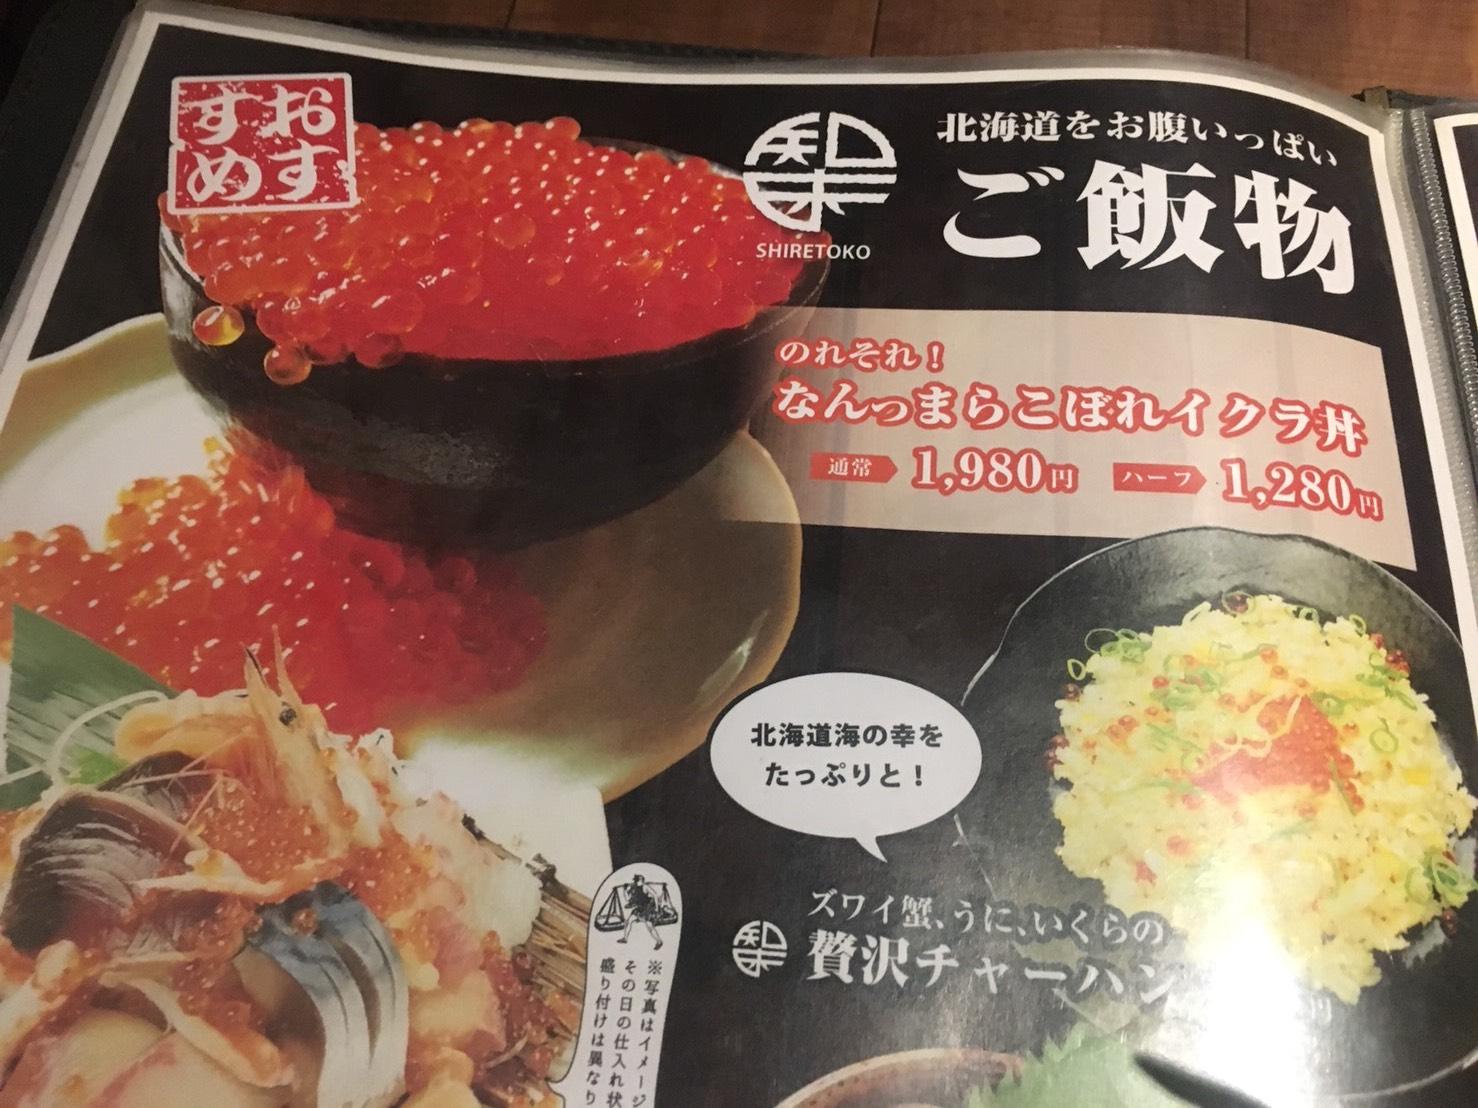 【池袋駅】いくらこぼれ丼を求めて「北海道知床漁場」のいくらこぼれ丼のメニュー